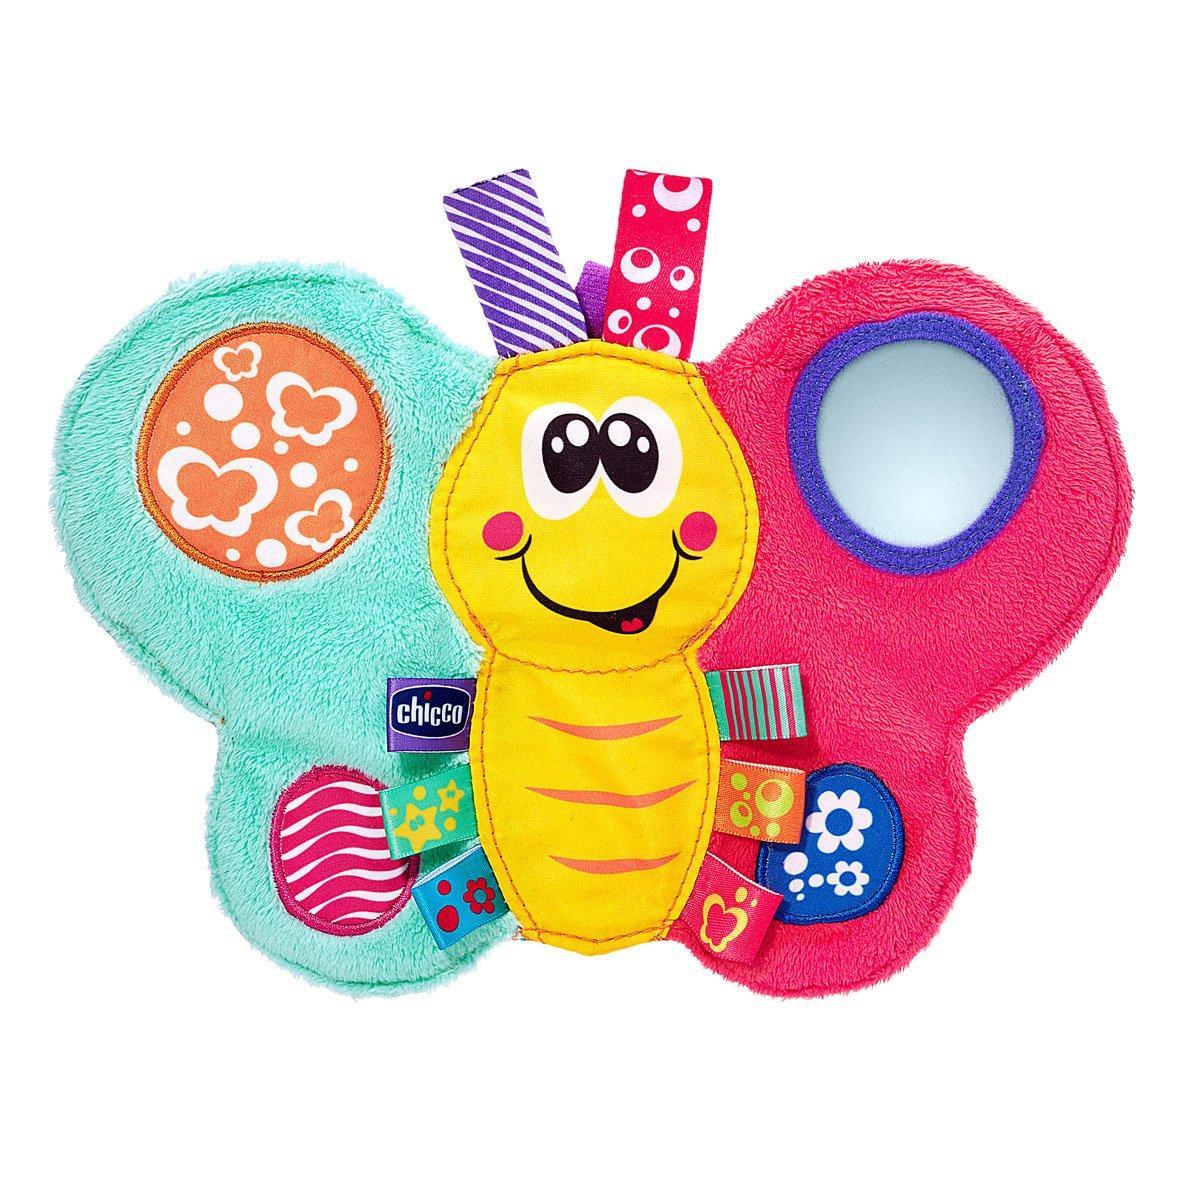 Мягкая игрушка Chicco Бабочка Дейзи